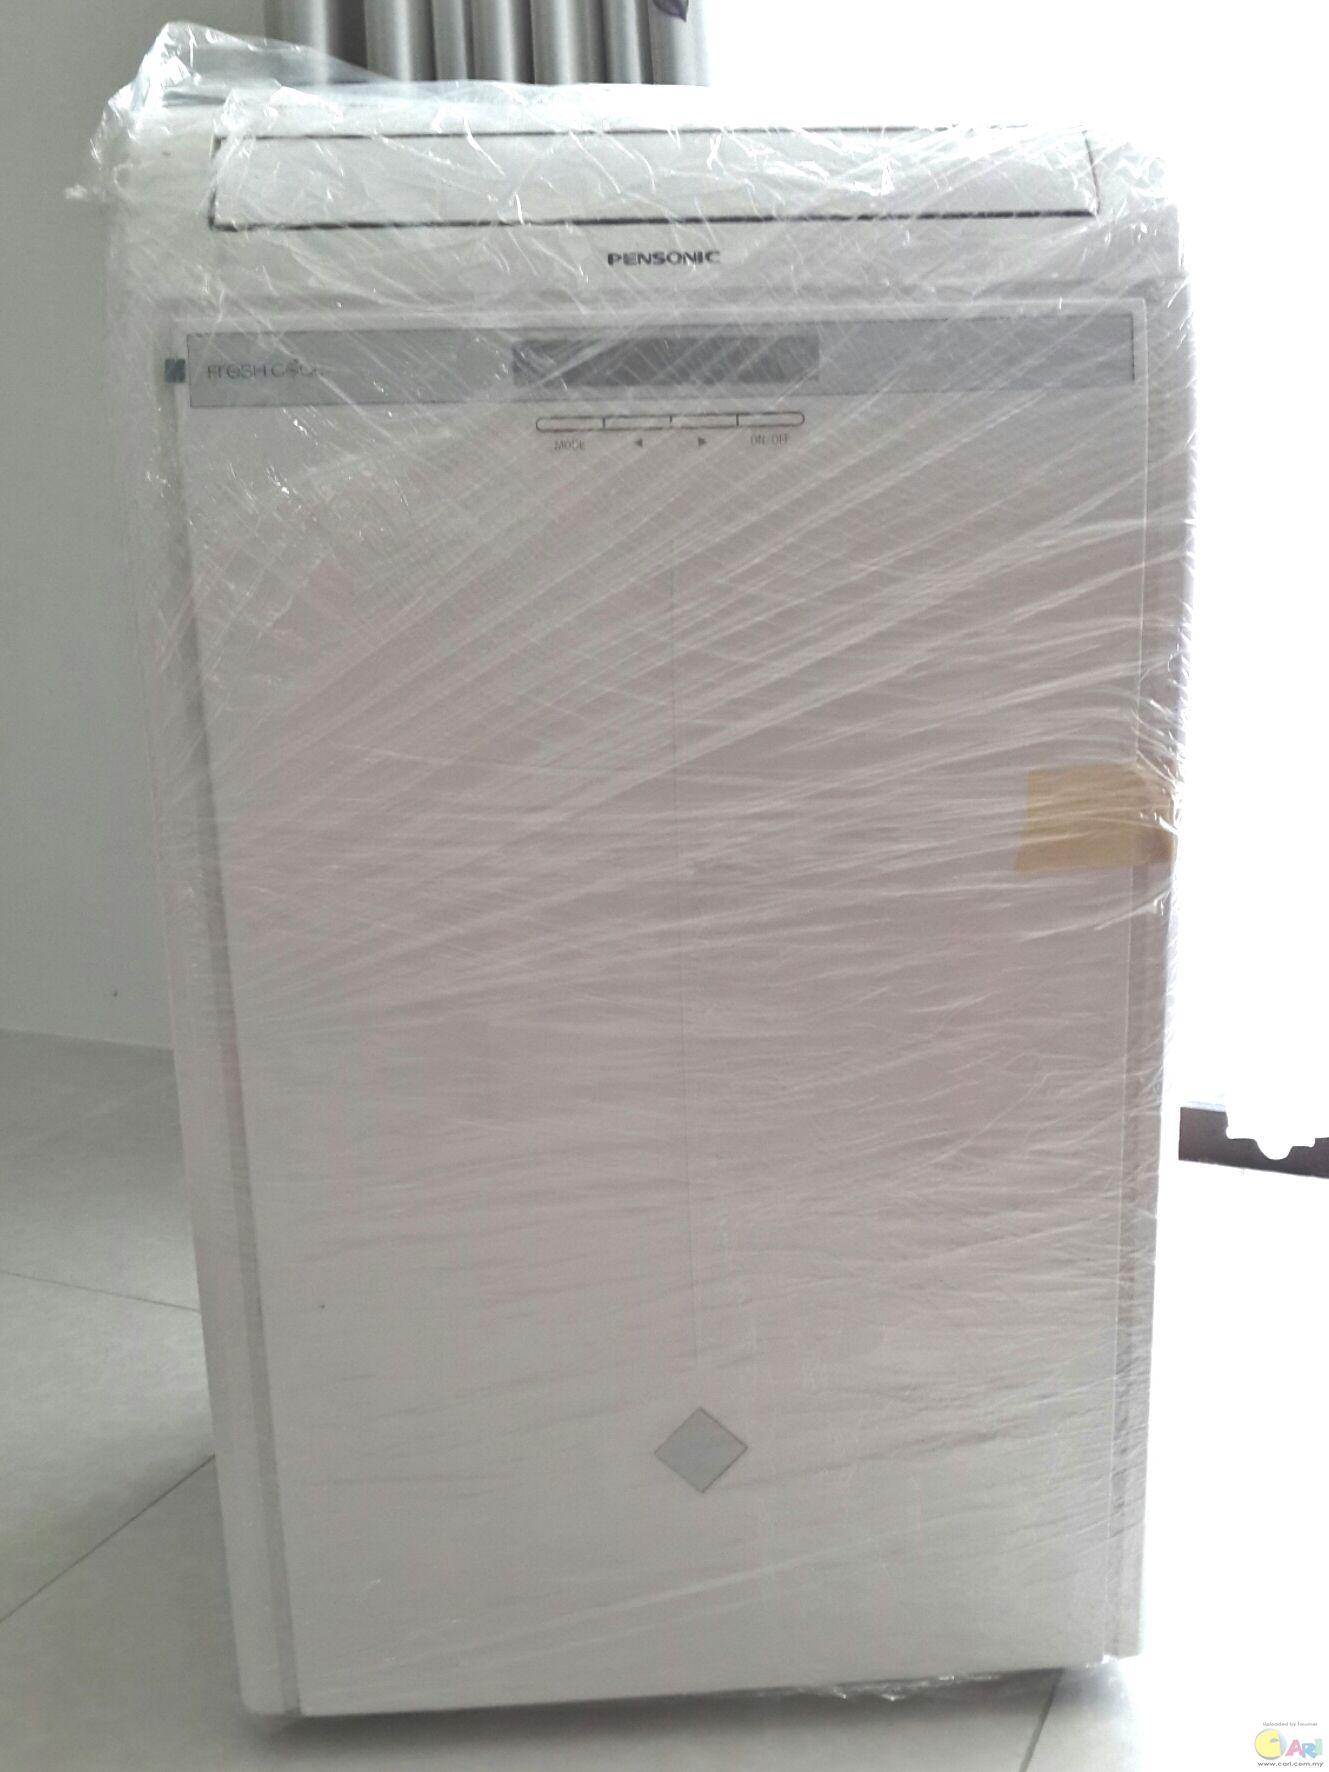 ... Portable Air Conditioner